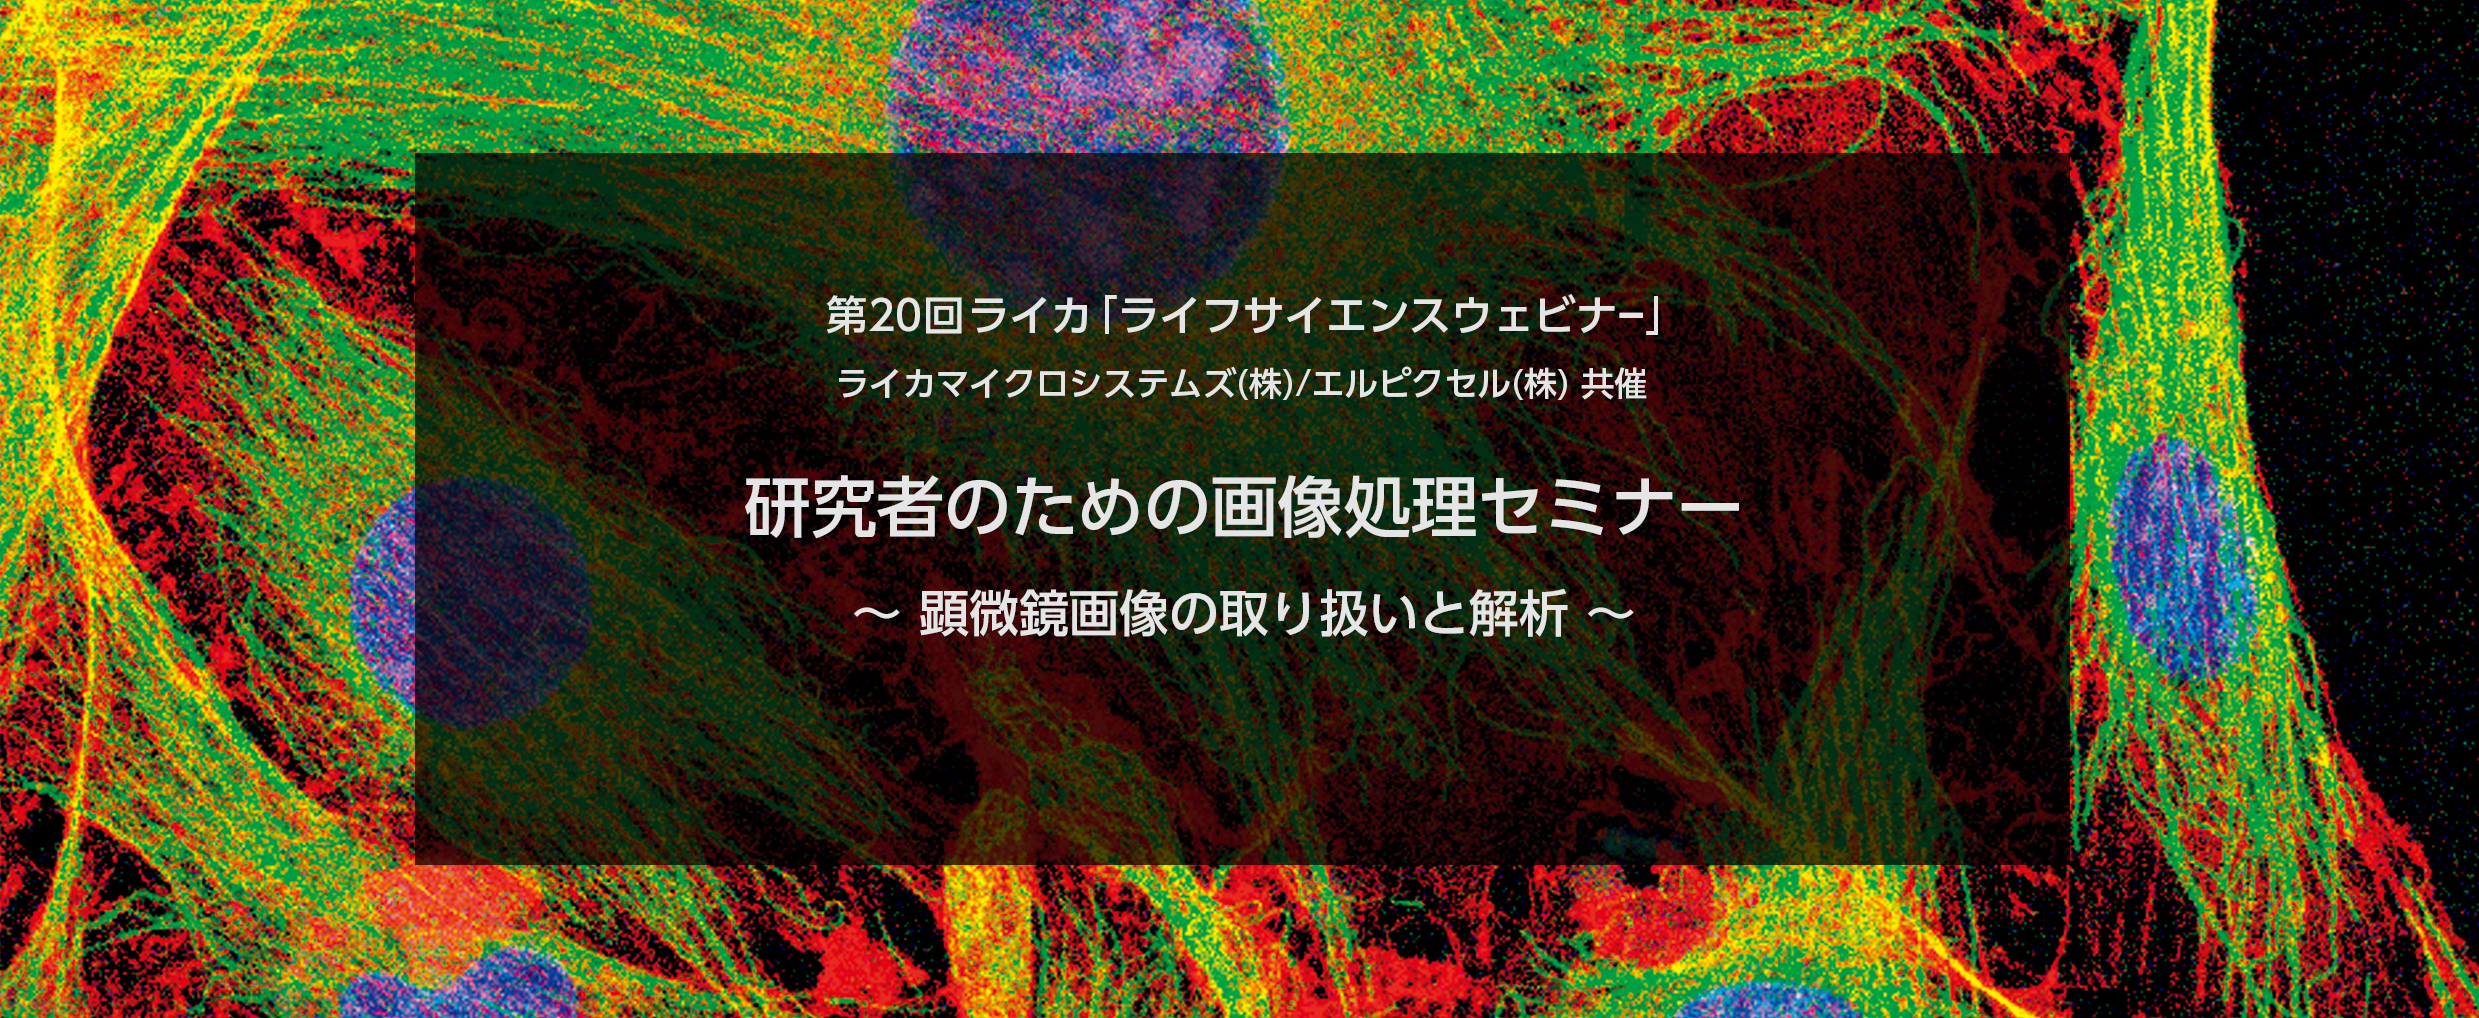 (申込受付終了)[ImageJ・IMACEL活用術] 研究者のための画像処理・解析セミナー ~顕微鏡画像の取扱いと解析~(2017年7月13日10:00~/12:00~)